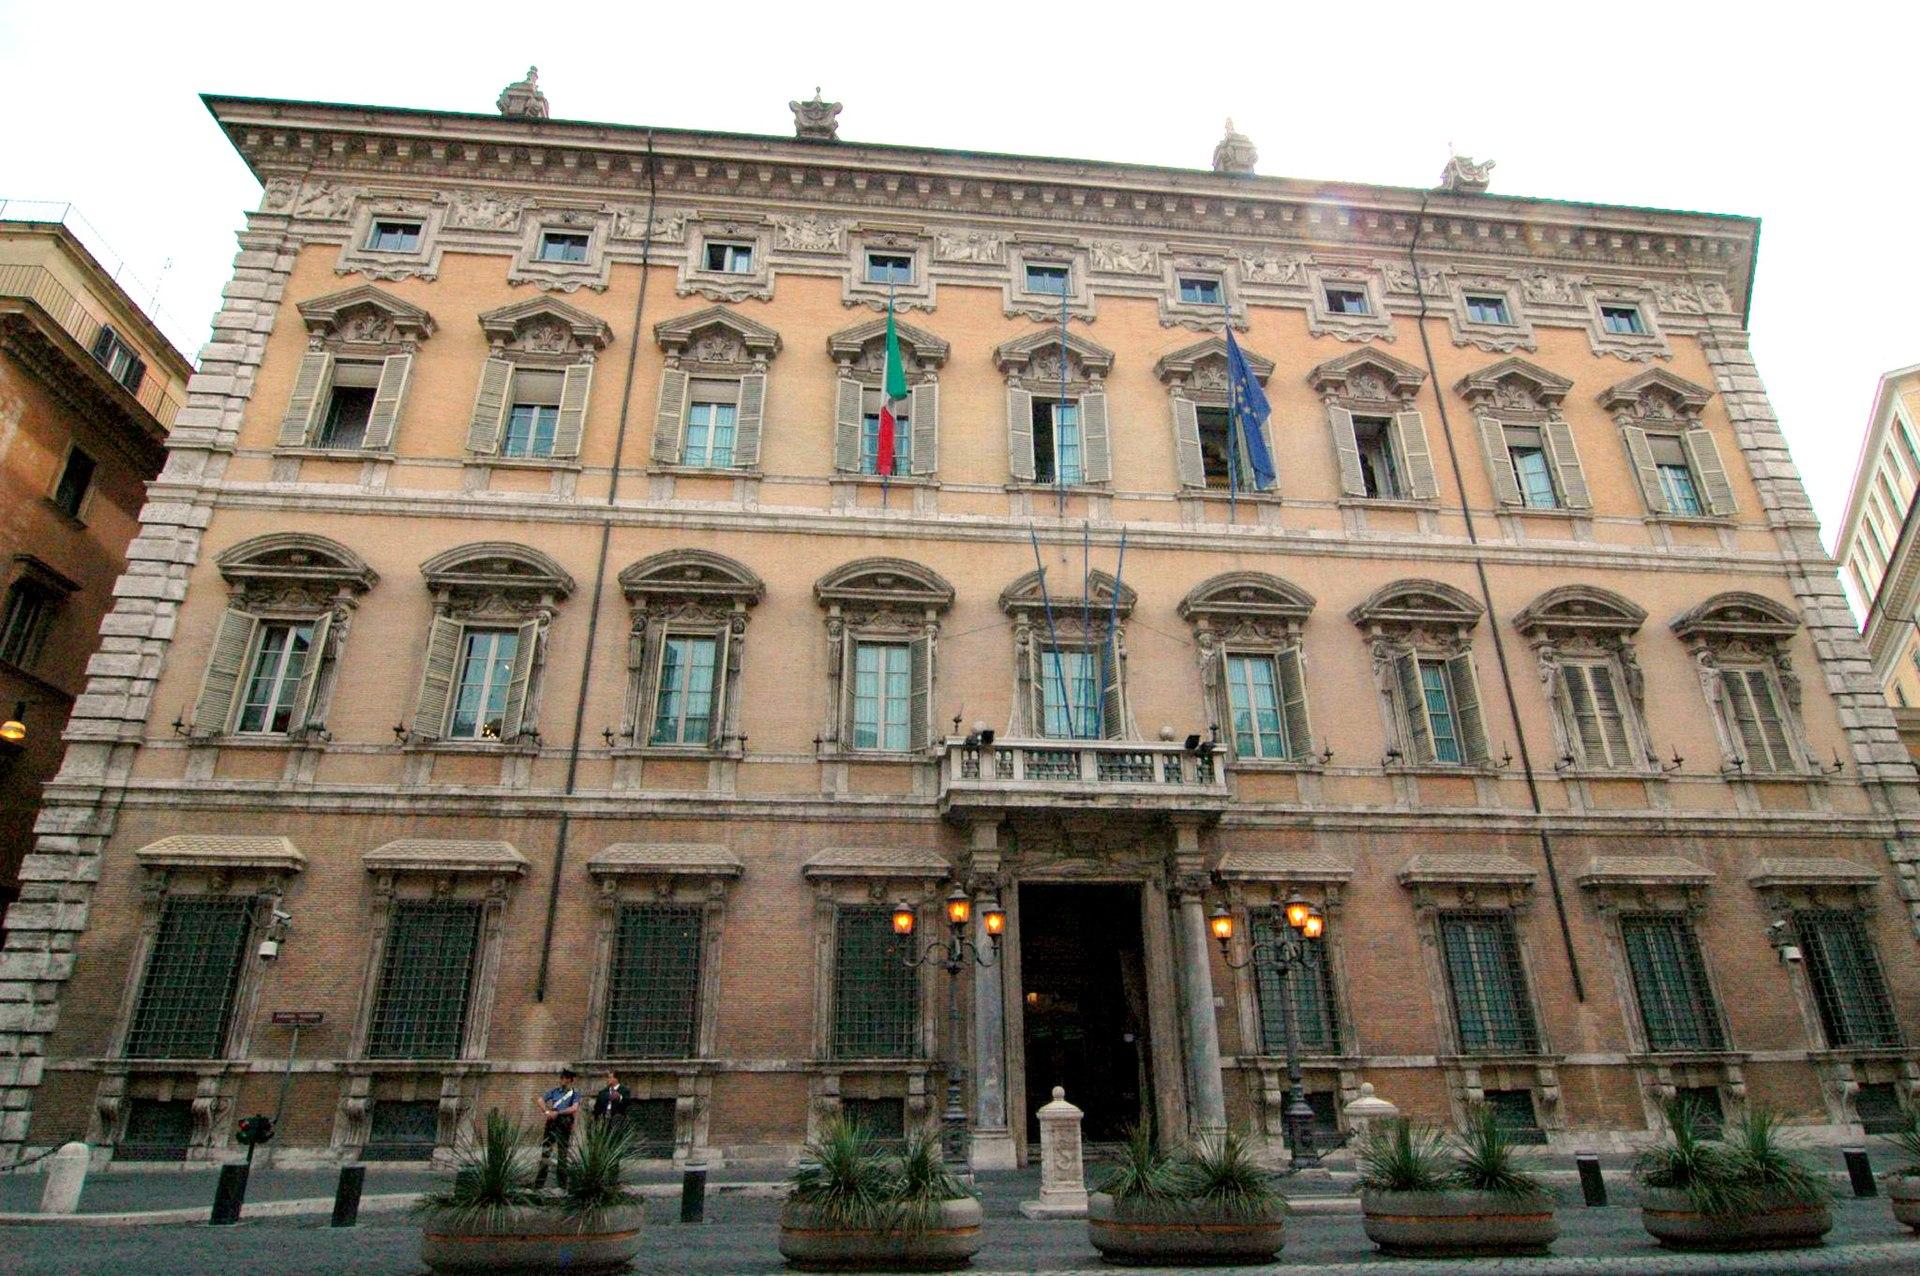 Palazzo madama roma wikipedia for Senato della repubblica sede